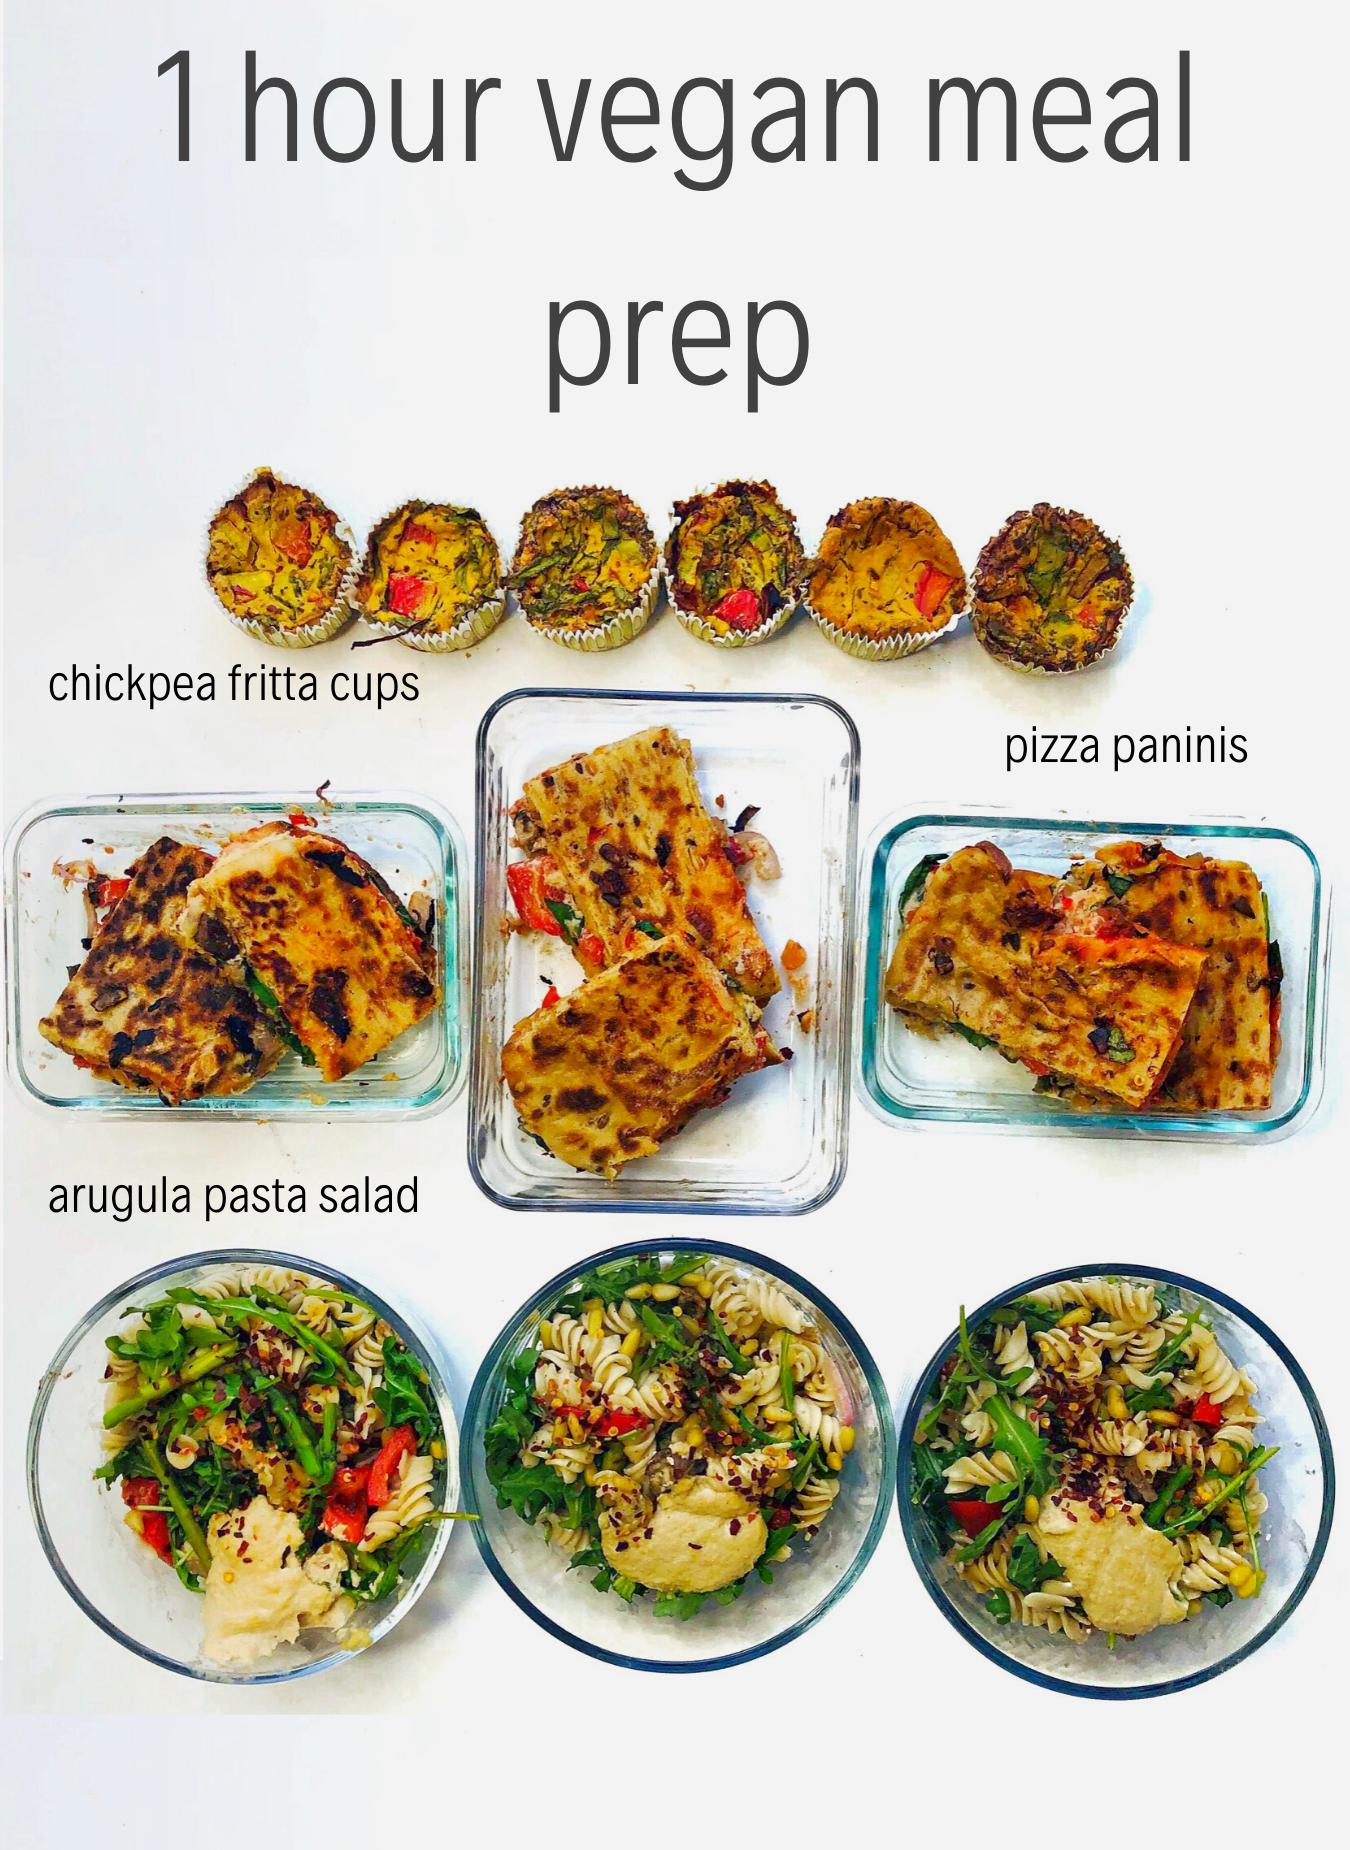 Meal Prep Plan | Vegan Meal Prepping | Healthy Meal Plan | Meal Prep for the Week | Meal Prep Ideas #plantbasedrecipesforbeginners